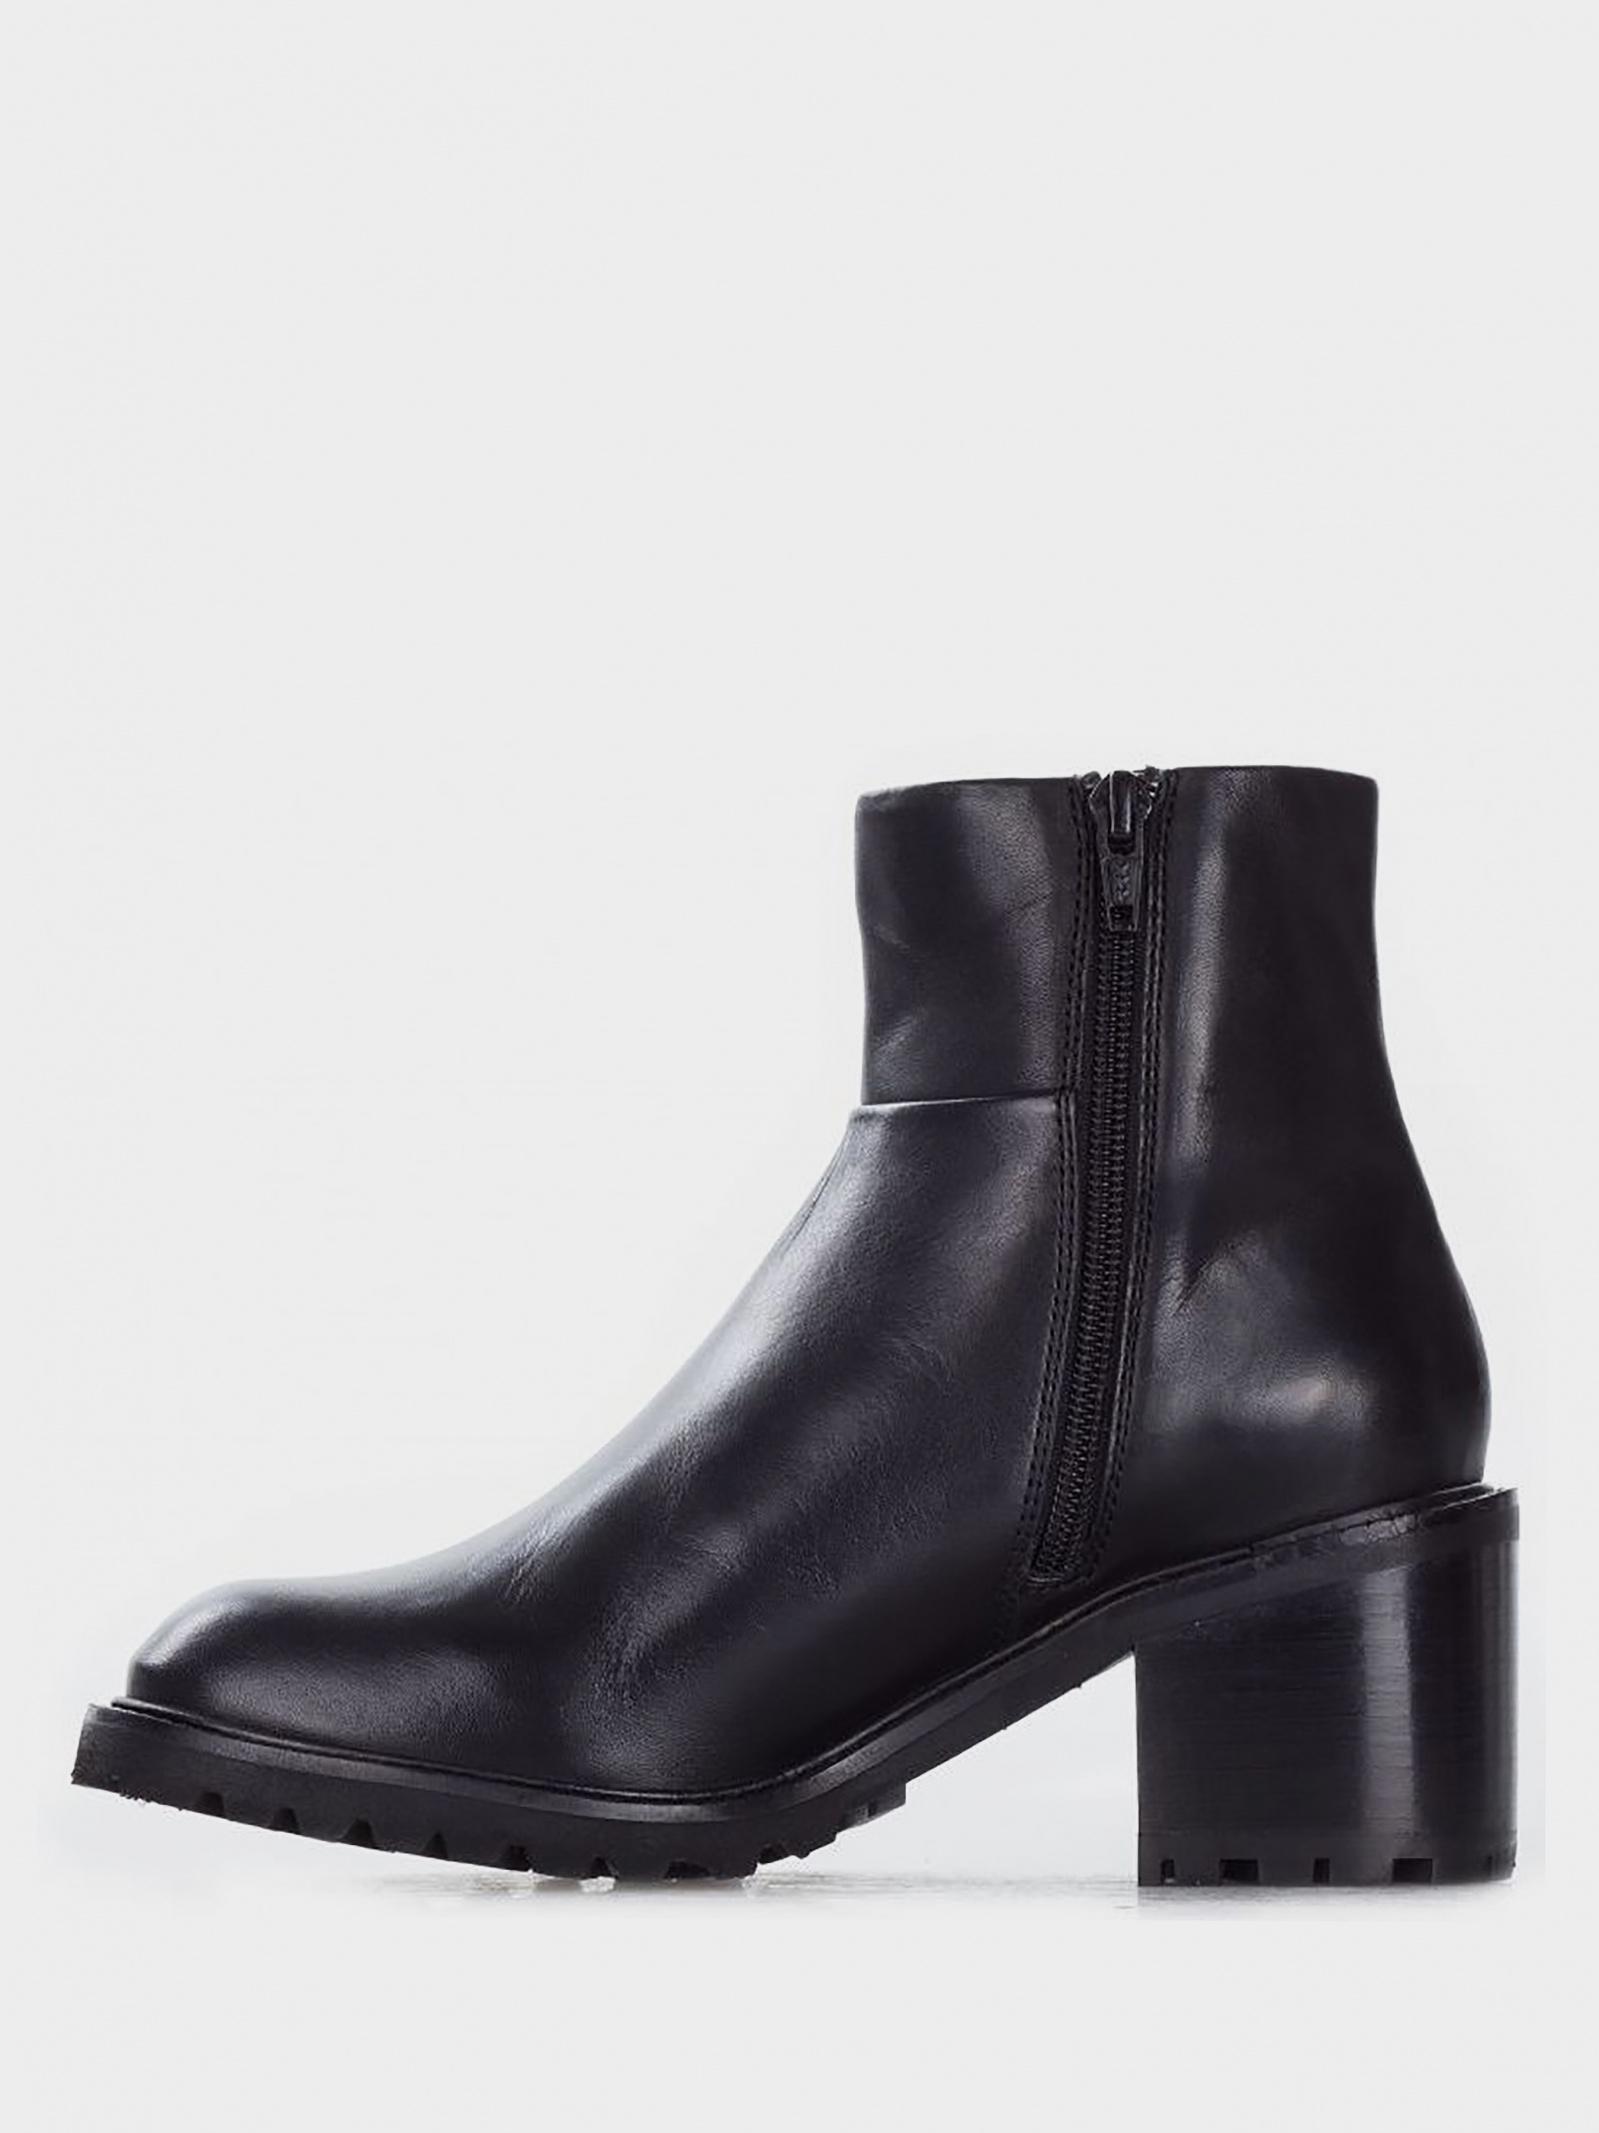 Черевики  для жінок Braska черевики жін. (36-41) 815-8298T/101-060 взуття бренду, 2017